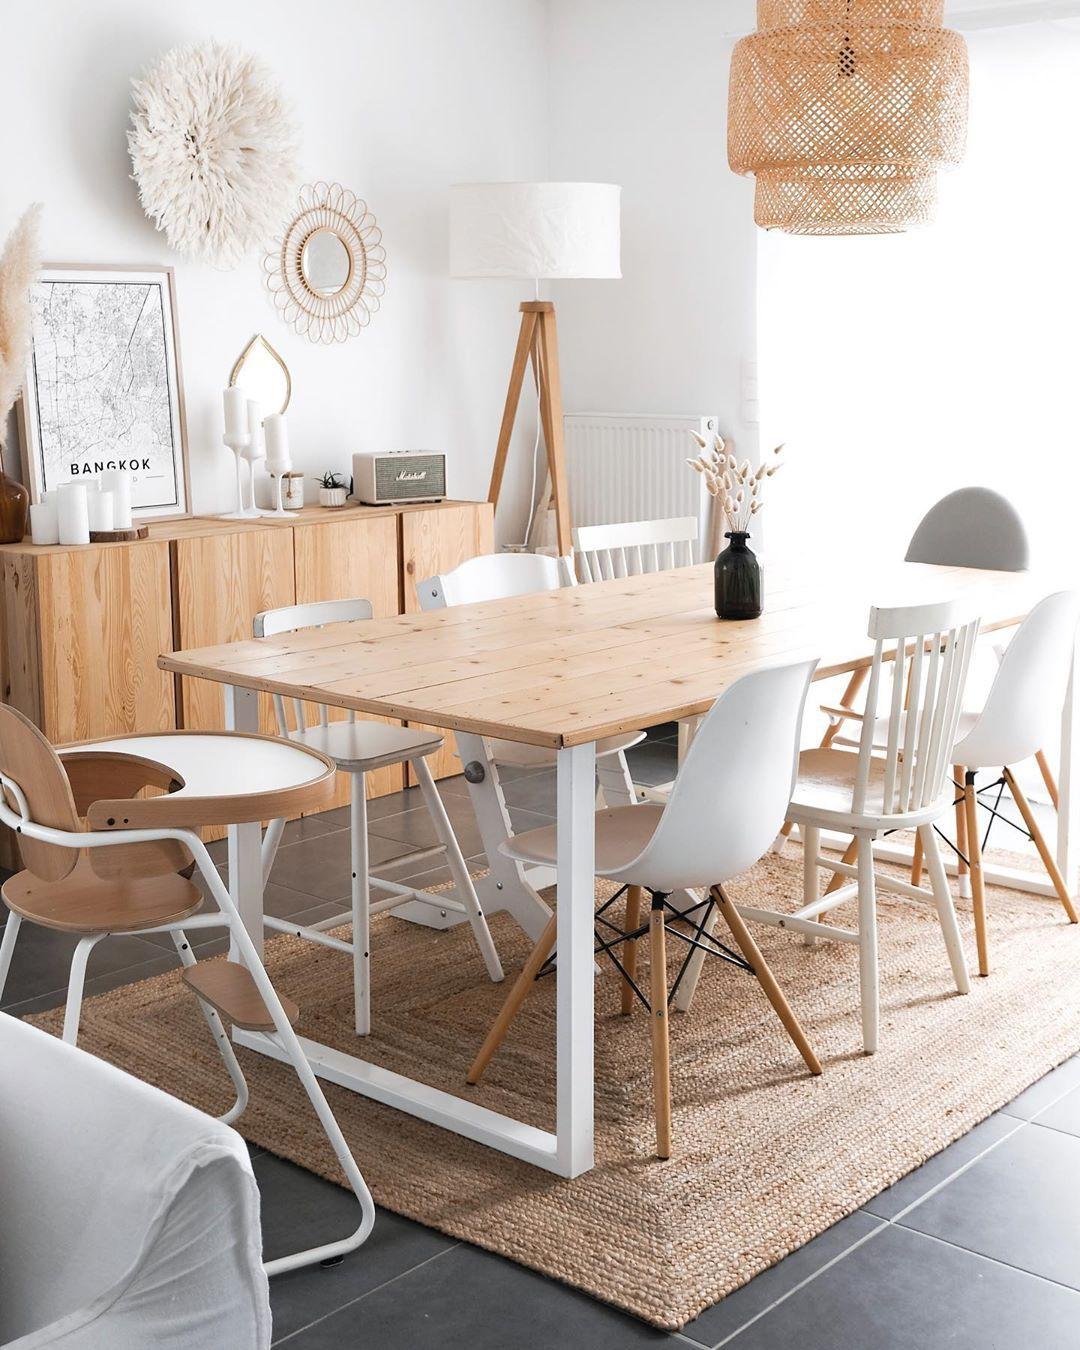 Interieur Blanc Blanc Et Bois Deco Interieure Salon Tapis En Jute Pieds De Table Ripaton Home Decor Chic Bedroom Decor Small Apartment Living Room